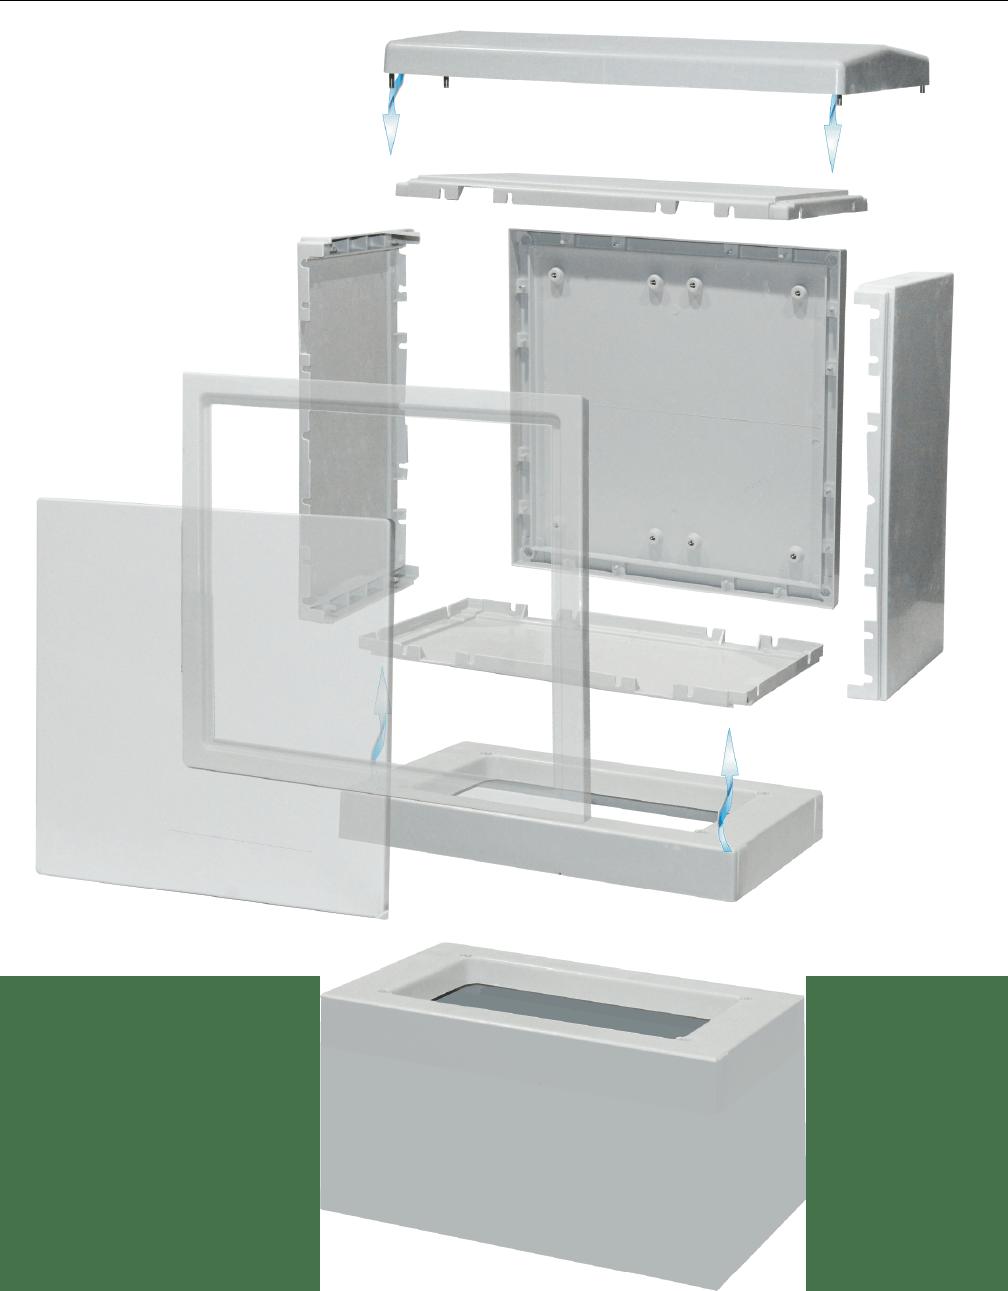 système d'assemblage des armoires euromedium